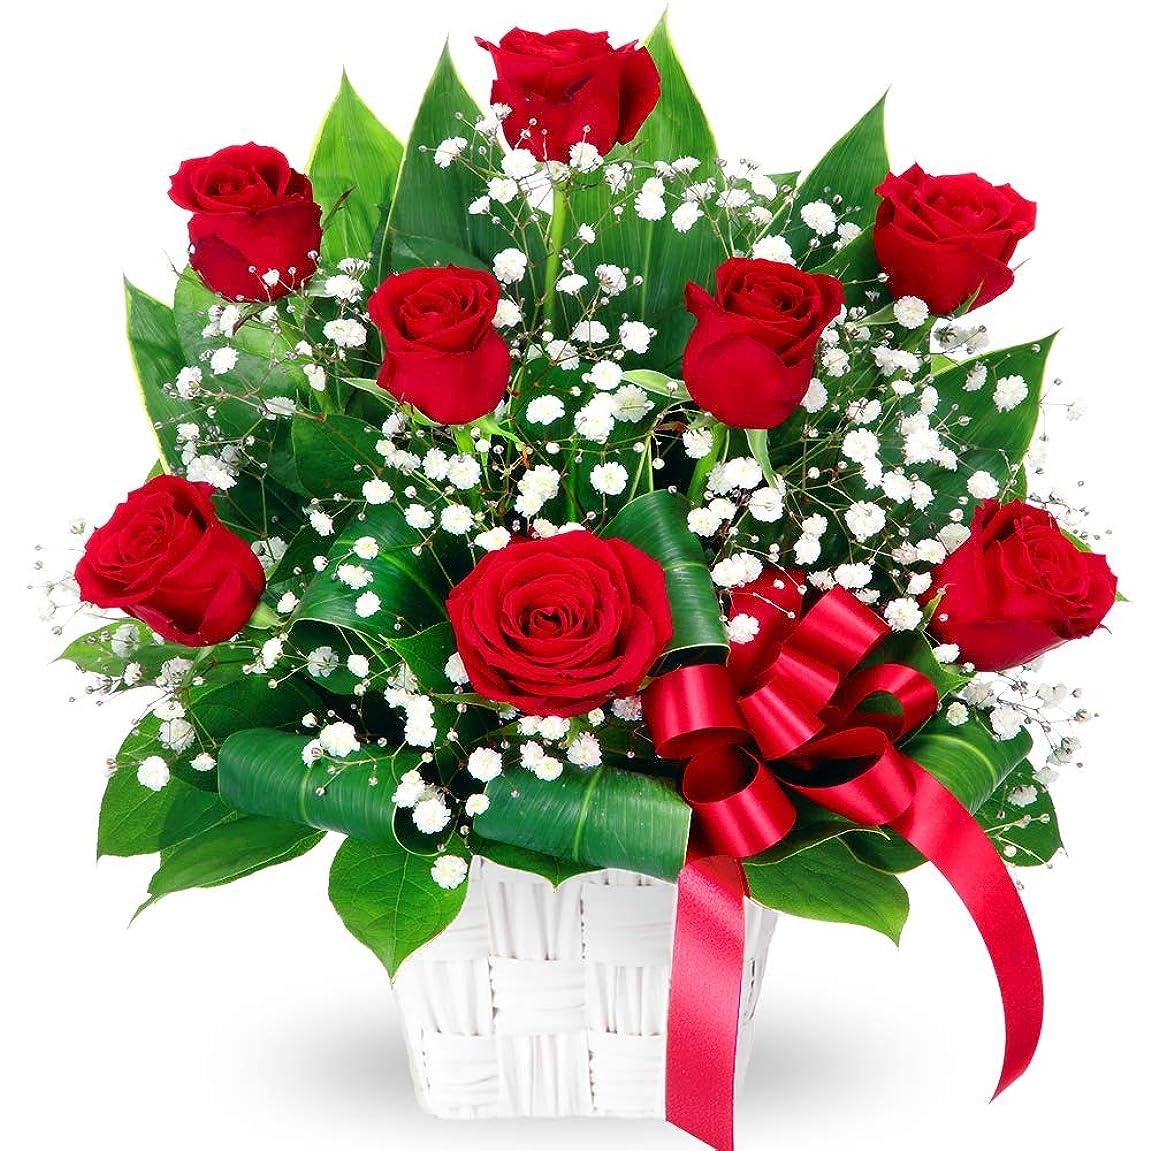 ピニオン敵ダイエット【結婚祝】赤バラのリボンアレンジメント yd00-511764 花キューピット 花 ギフト お祝い 記念日 プレゼント 生花 祝花 妻 夫 ブライダル 誕生日 感謝 お礼